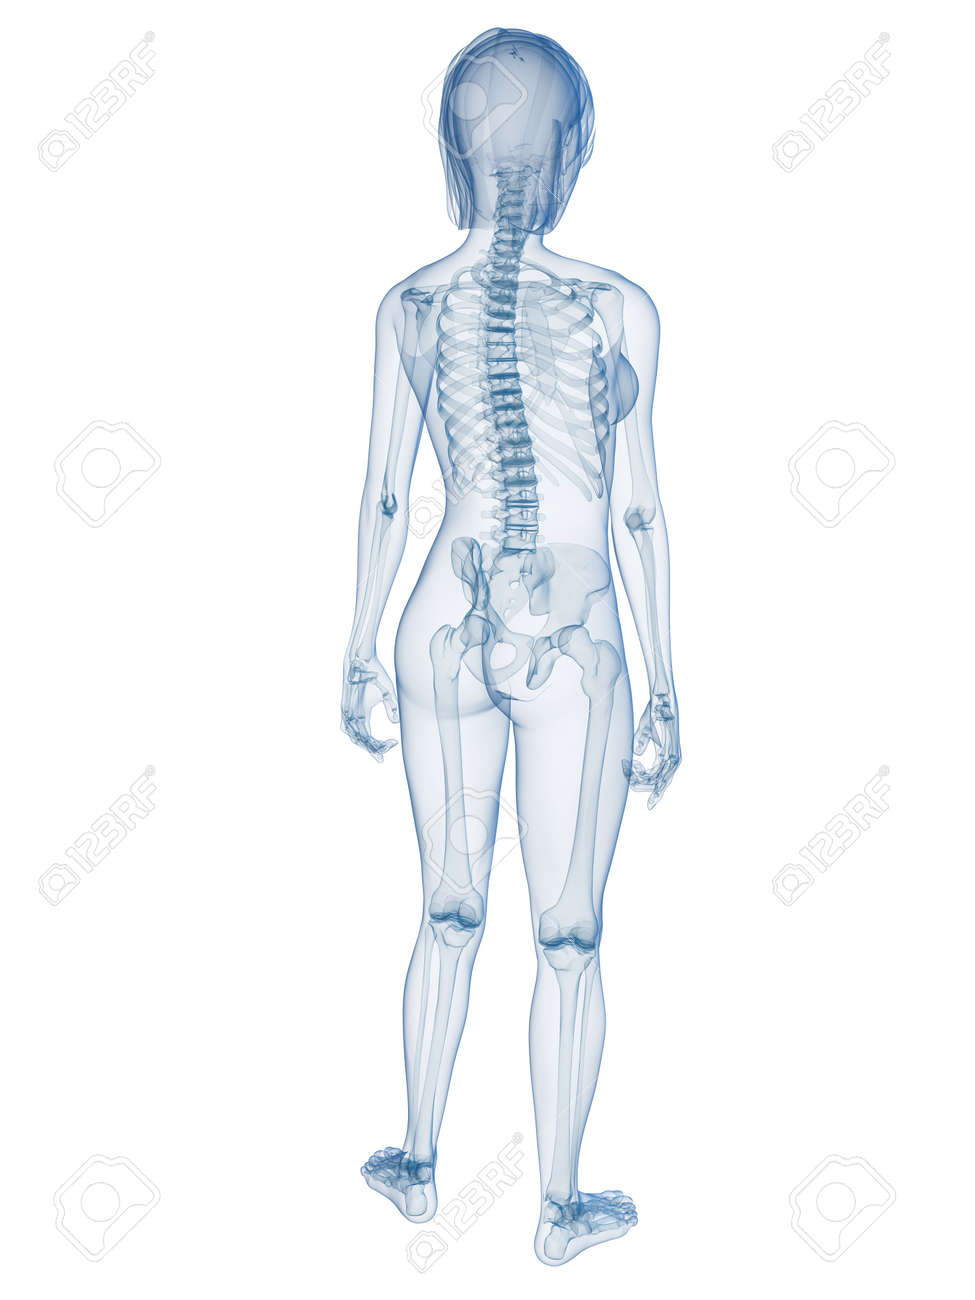 Transparent Weiblichen Körpers Mit Skelett-System Lizenzfreie Fotos ...